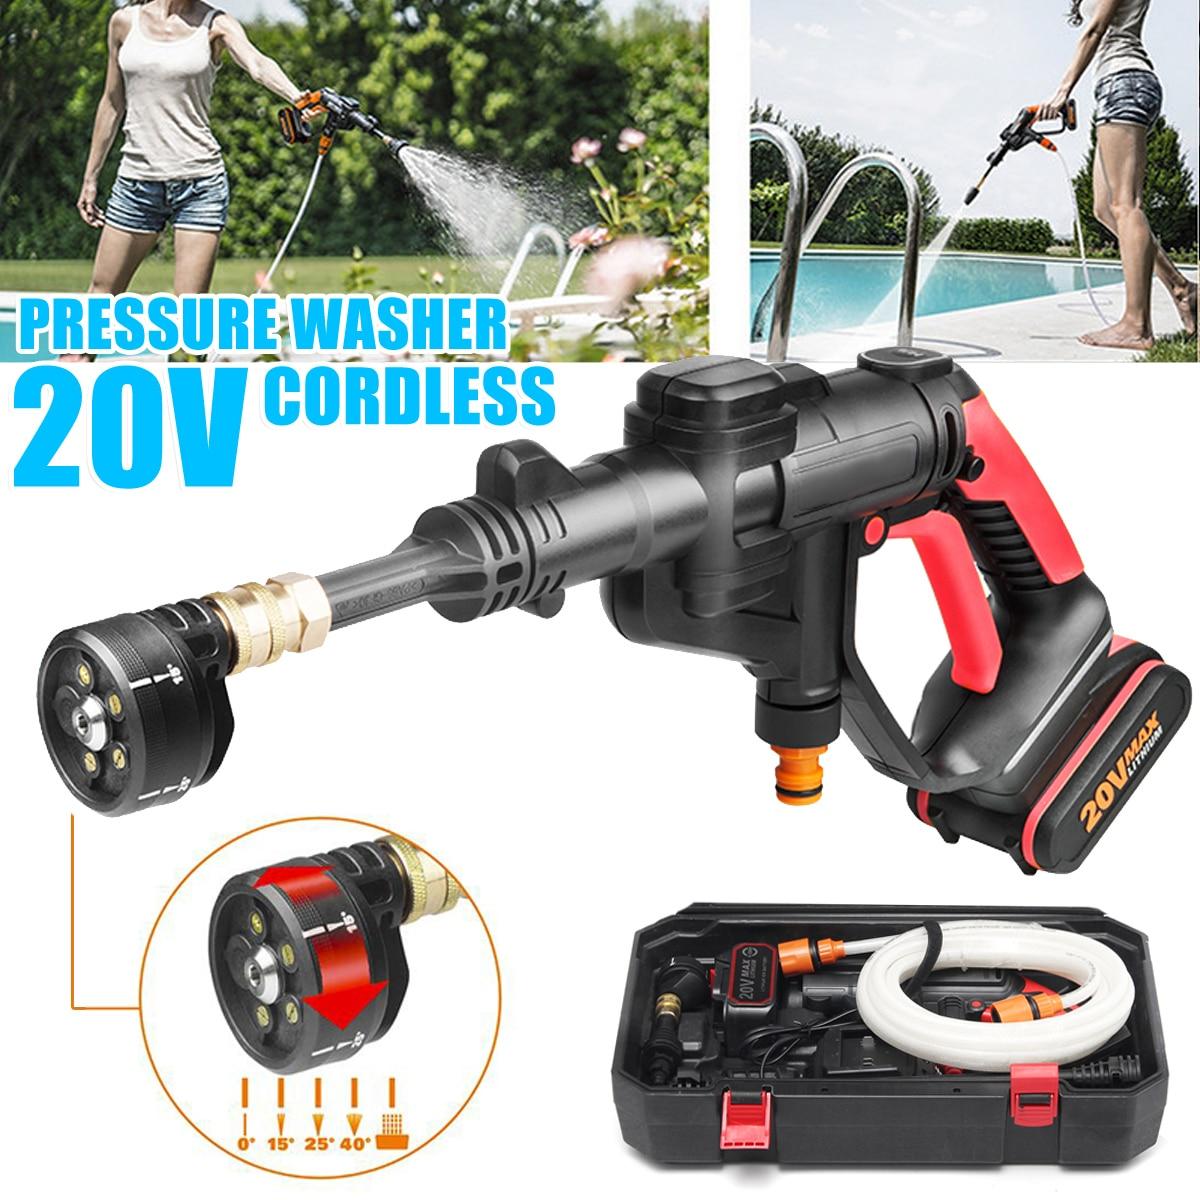 Nouveau Sans Fil Portable Eau Cleaner Li-ion 320psi 20 V Nettoyeur Haute Pression Tuyau Buse Spray Nettoyant-Pistolet pour le Nettoyage De Voiture